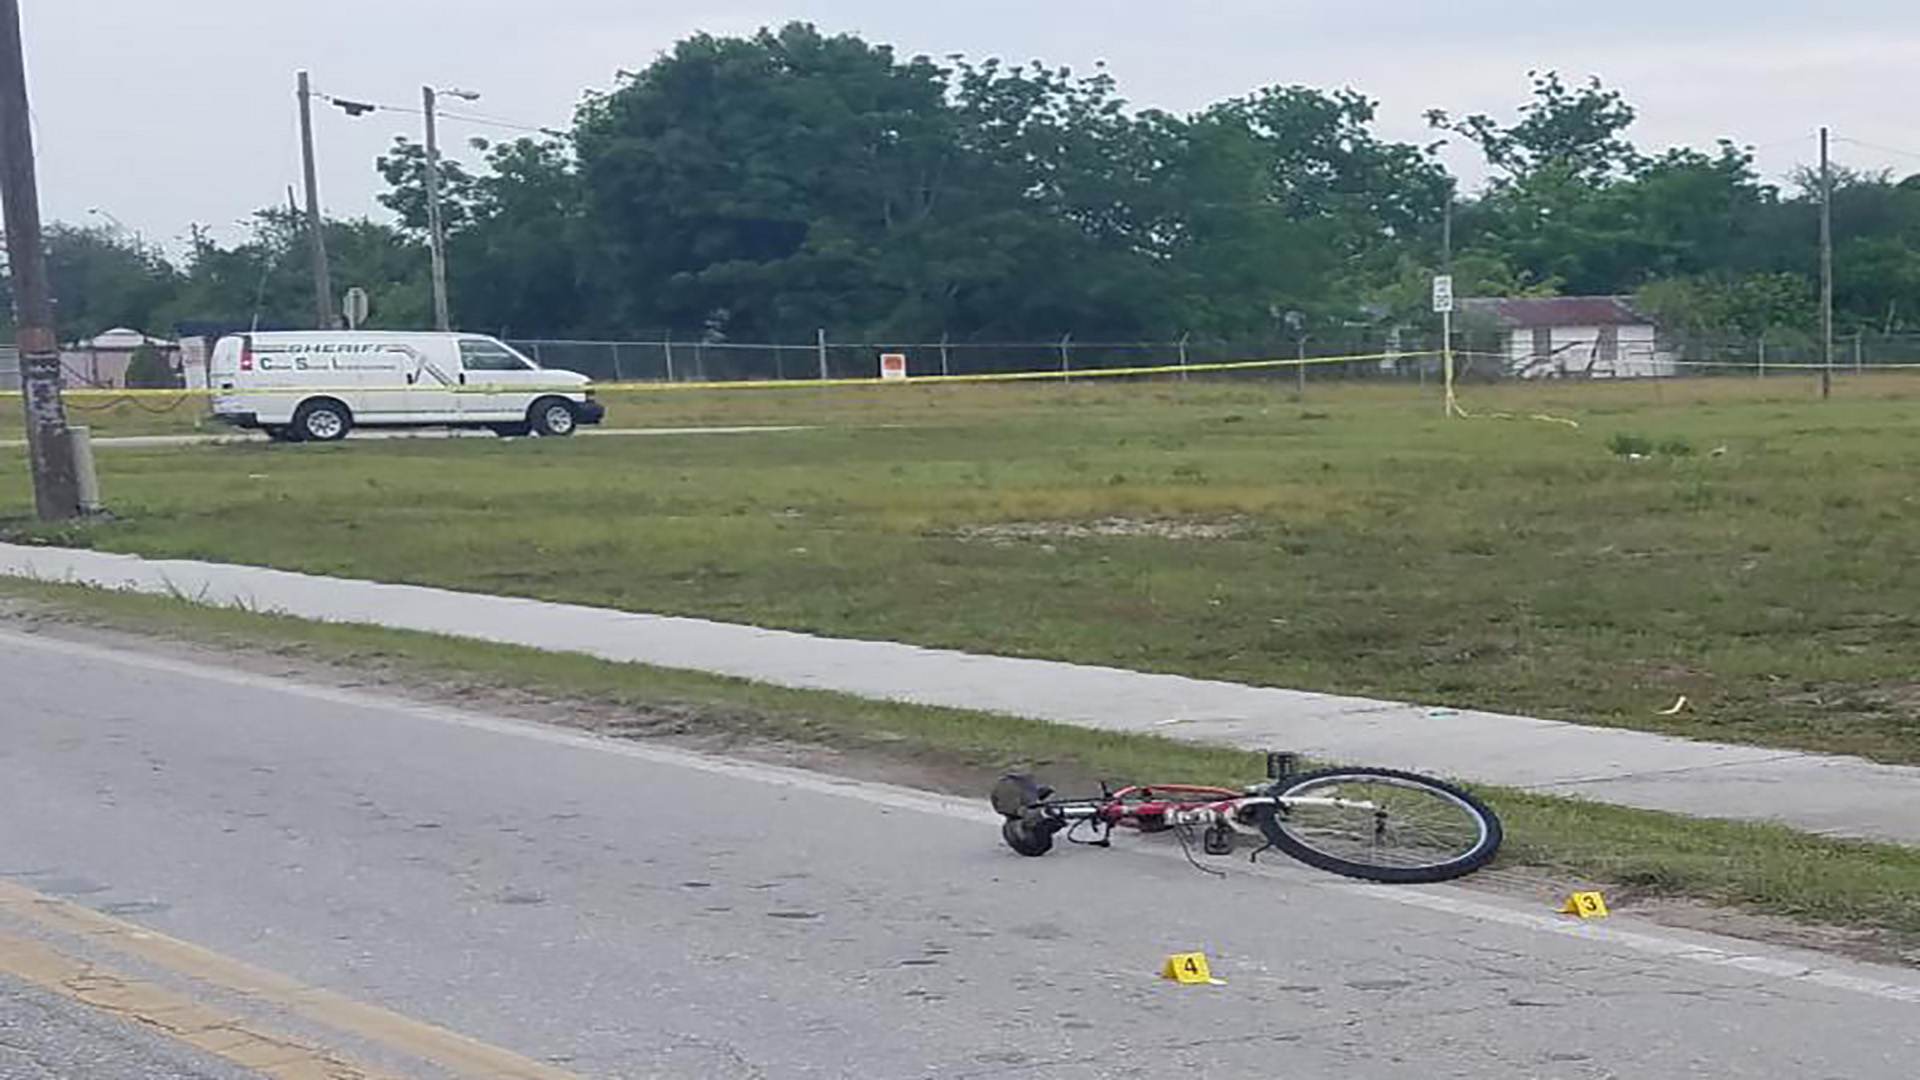 bicycle photo 2_1557177258168.jpg.jpg